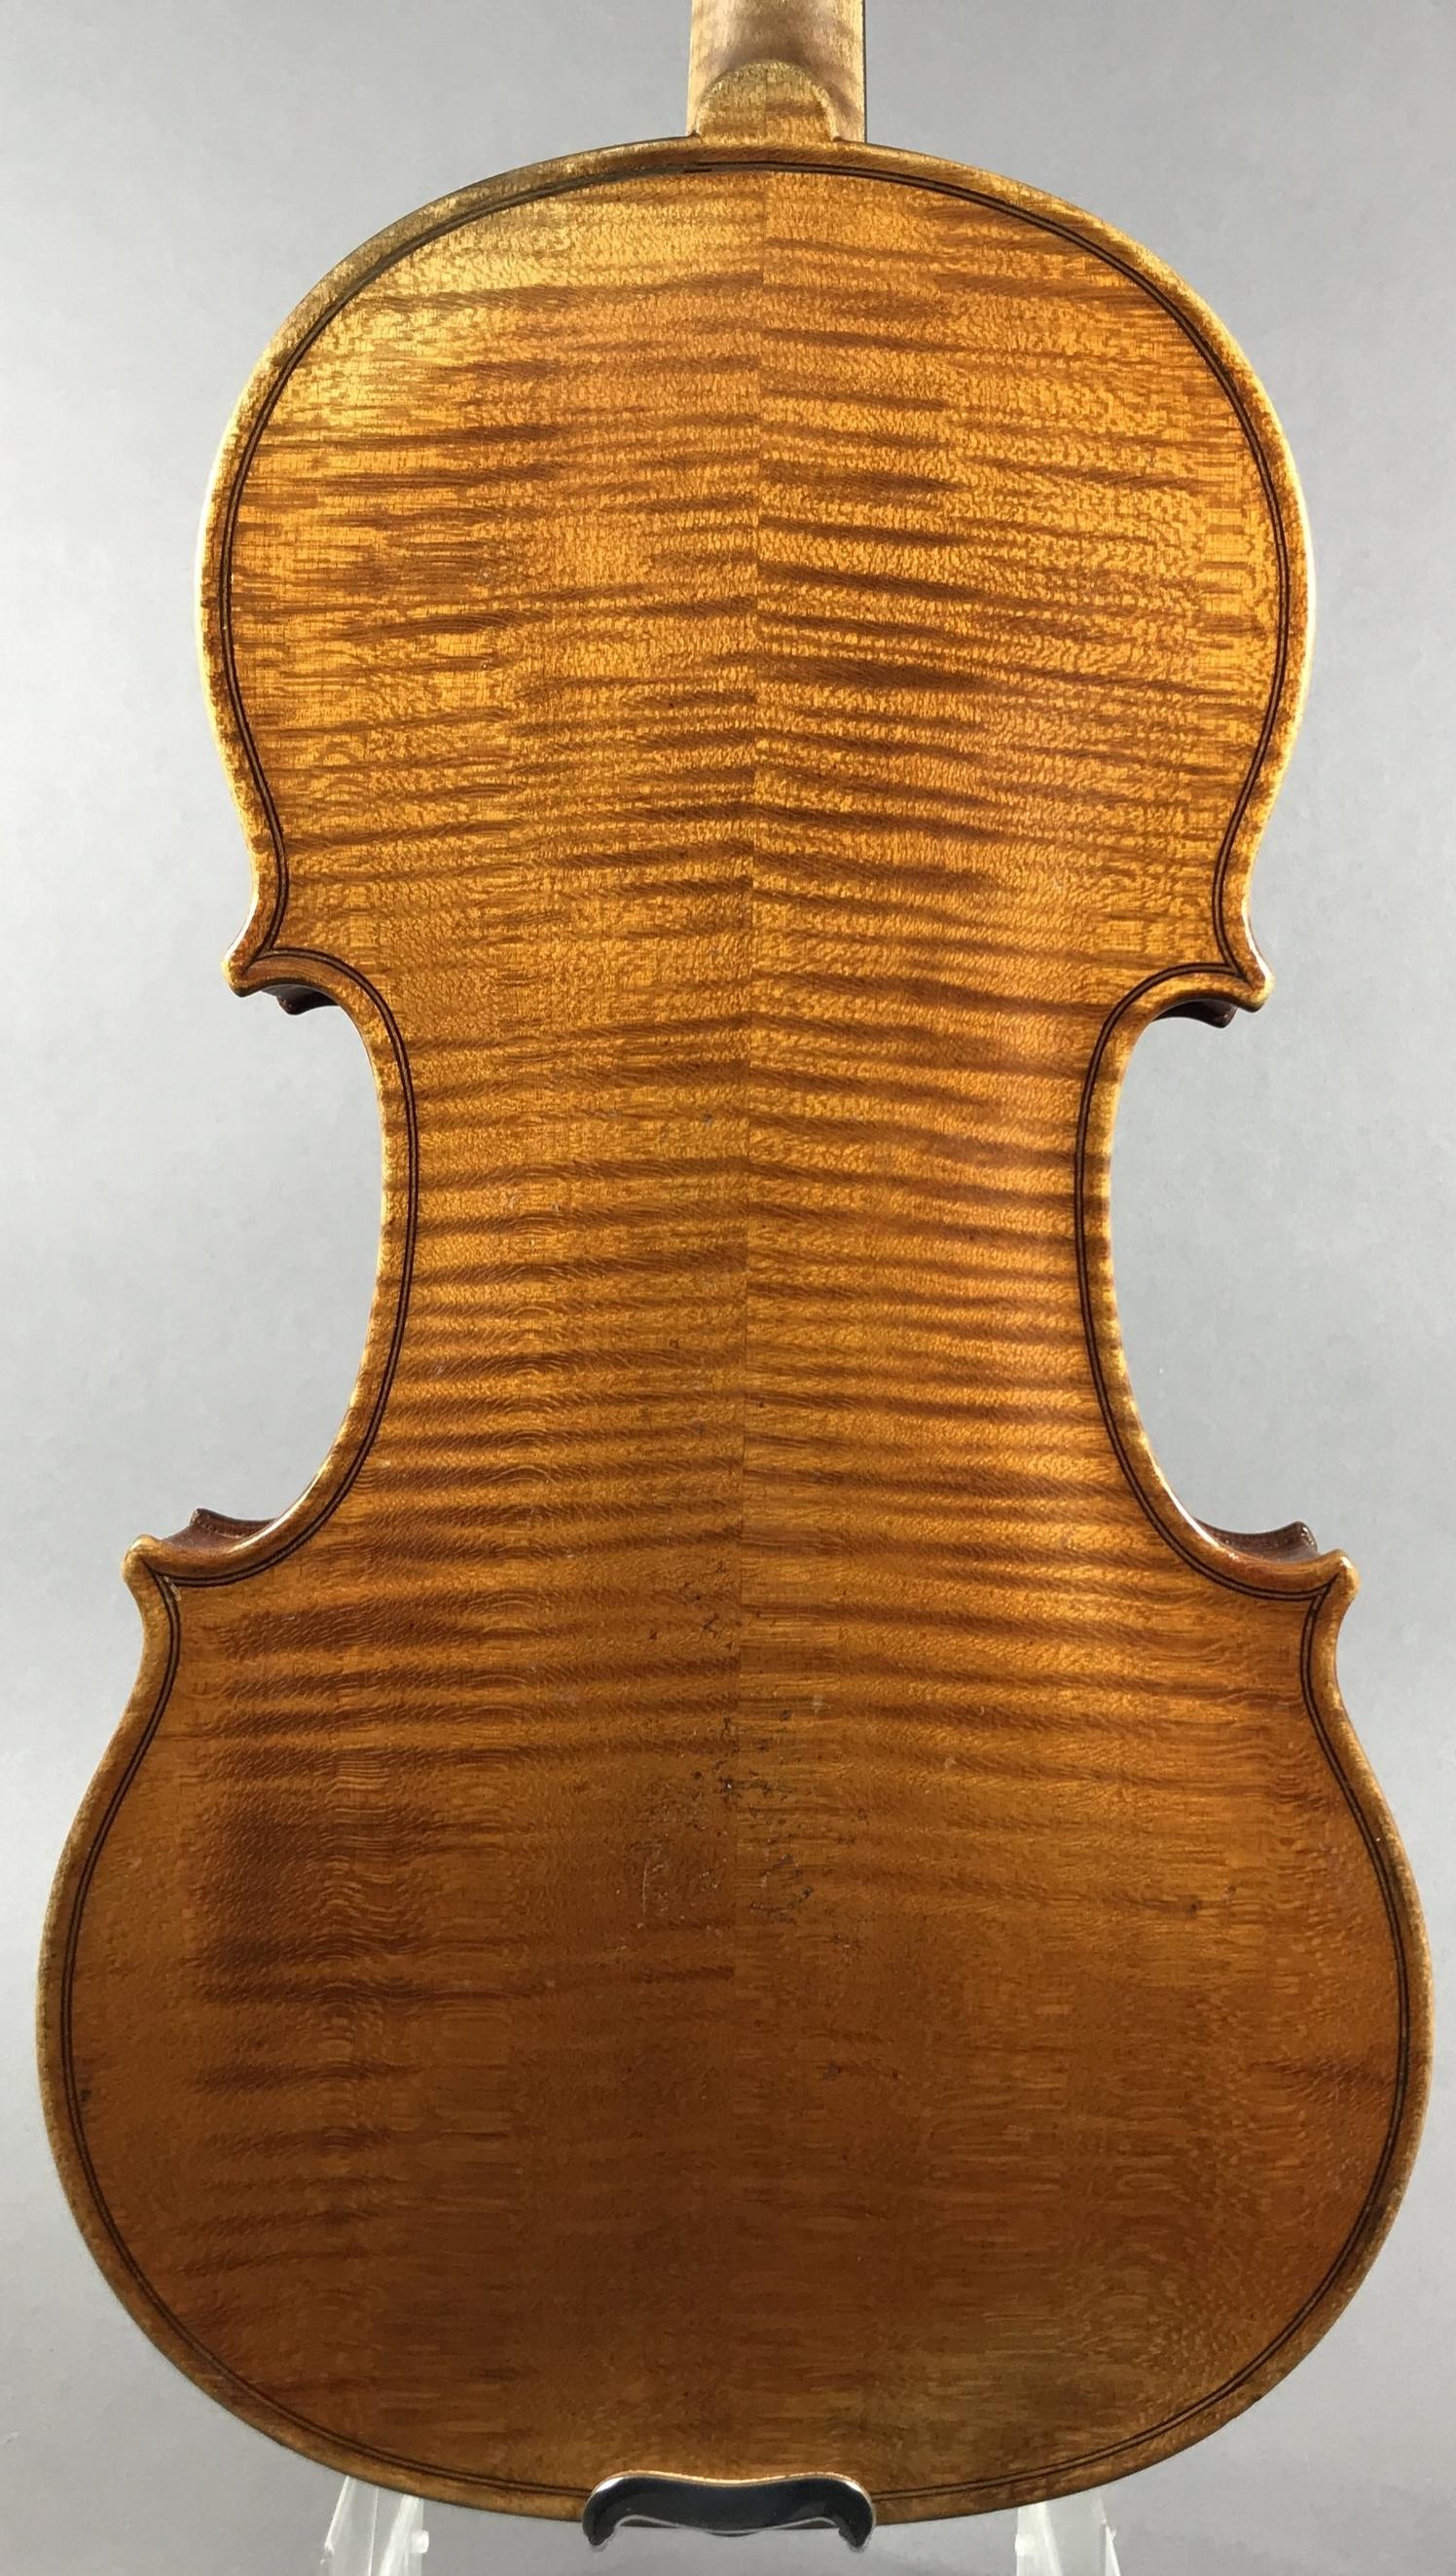 Heinrich Th. Heberlein jr., Markneukirchen 1928. (branded)